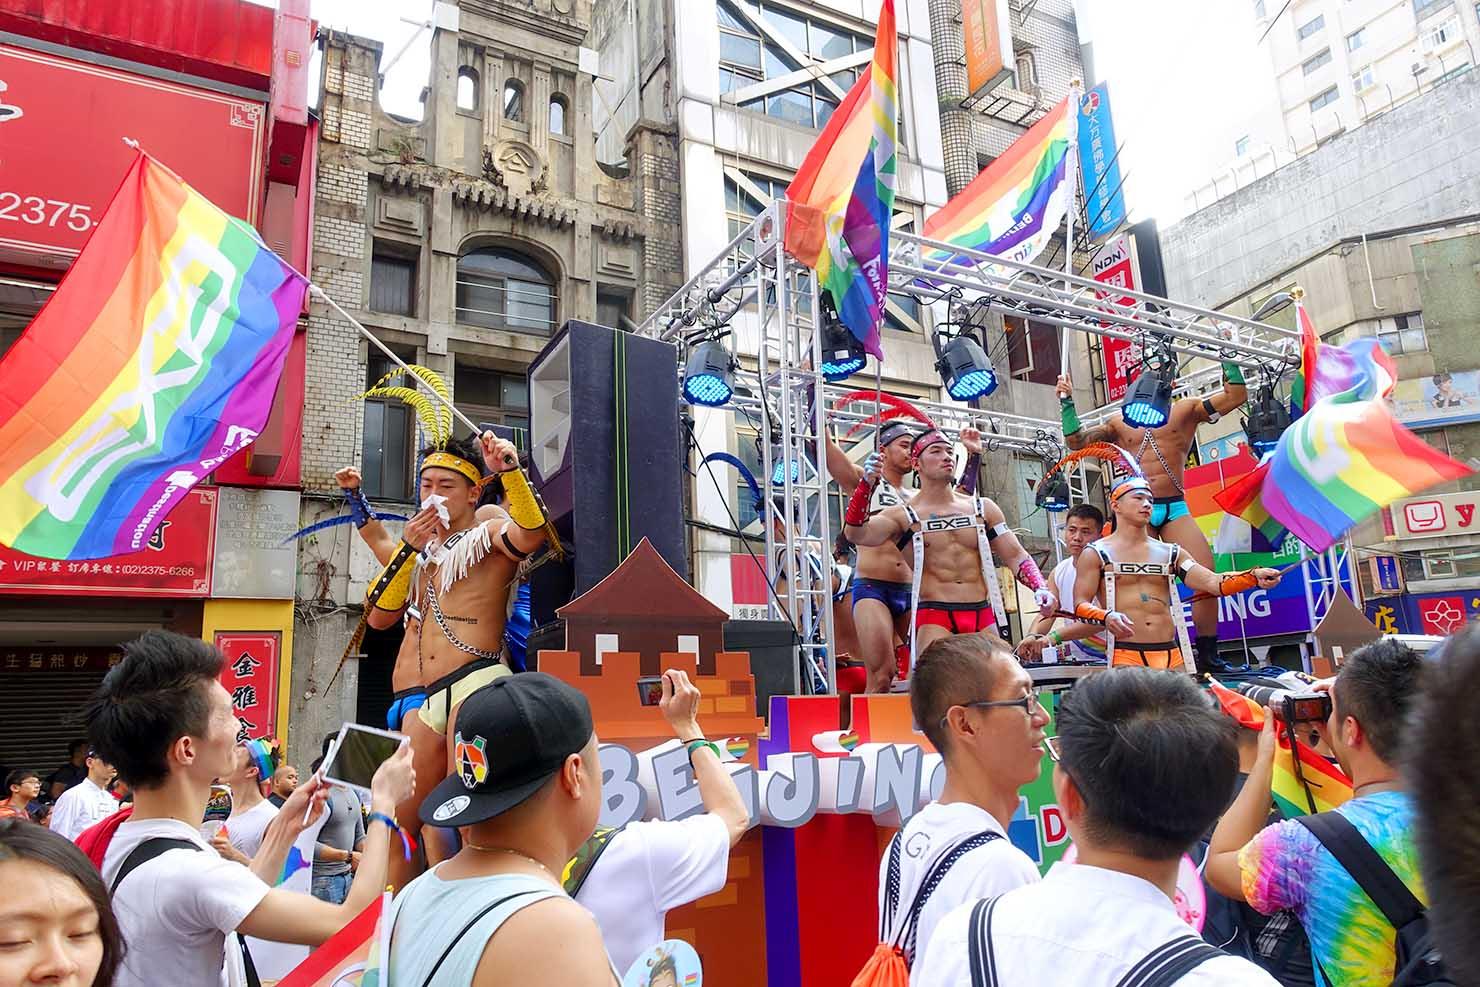 台湾LGBTプライド(台灣同志遊行)2017でレインボーフラッグを振るGOGOBOYS